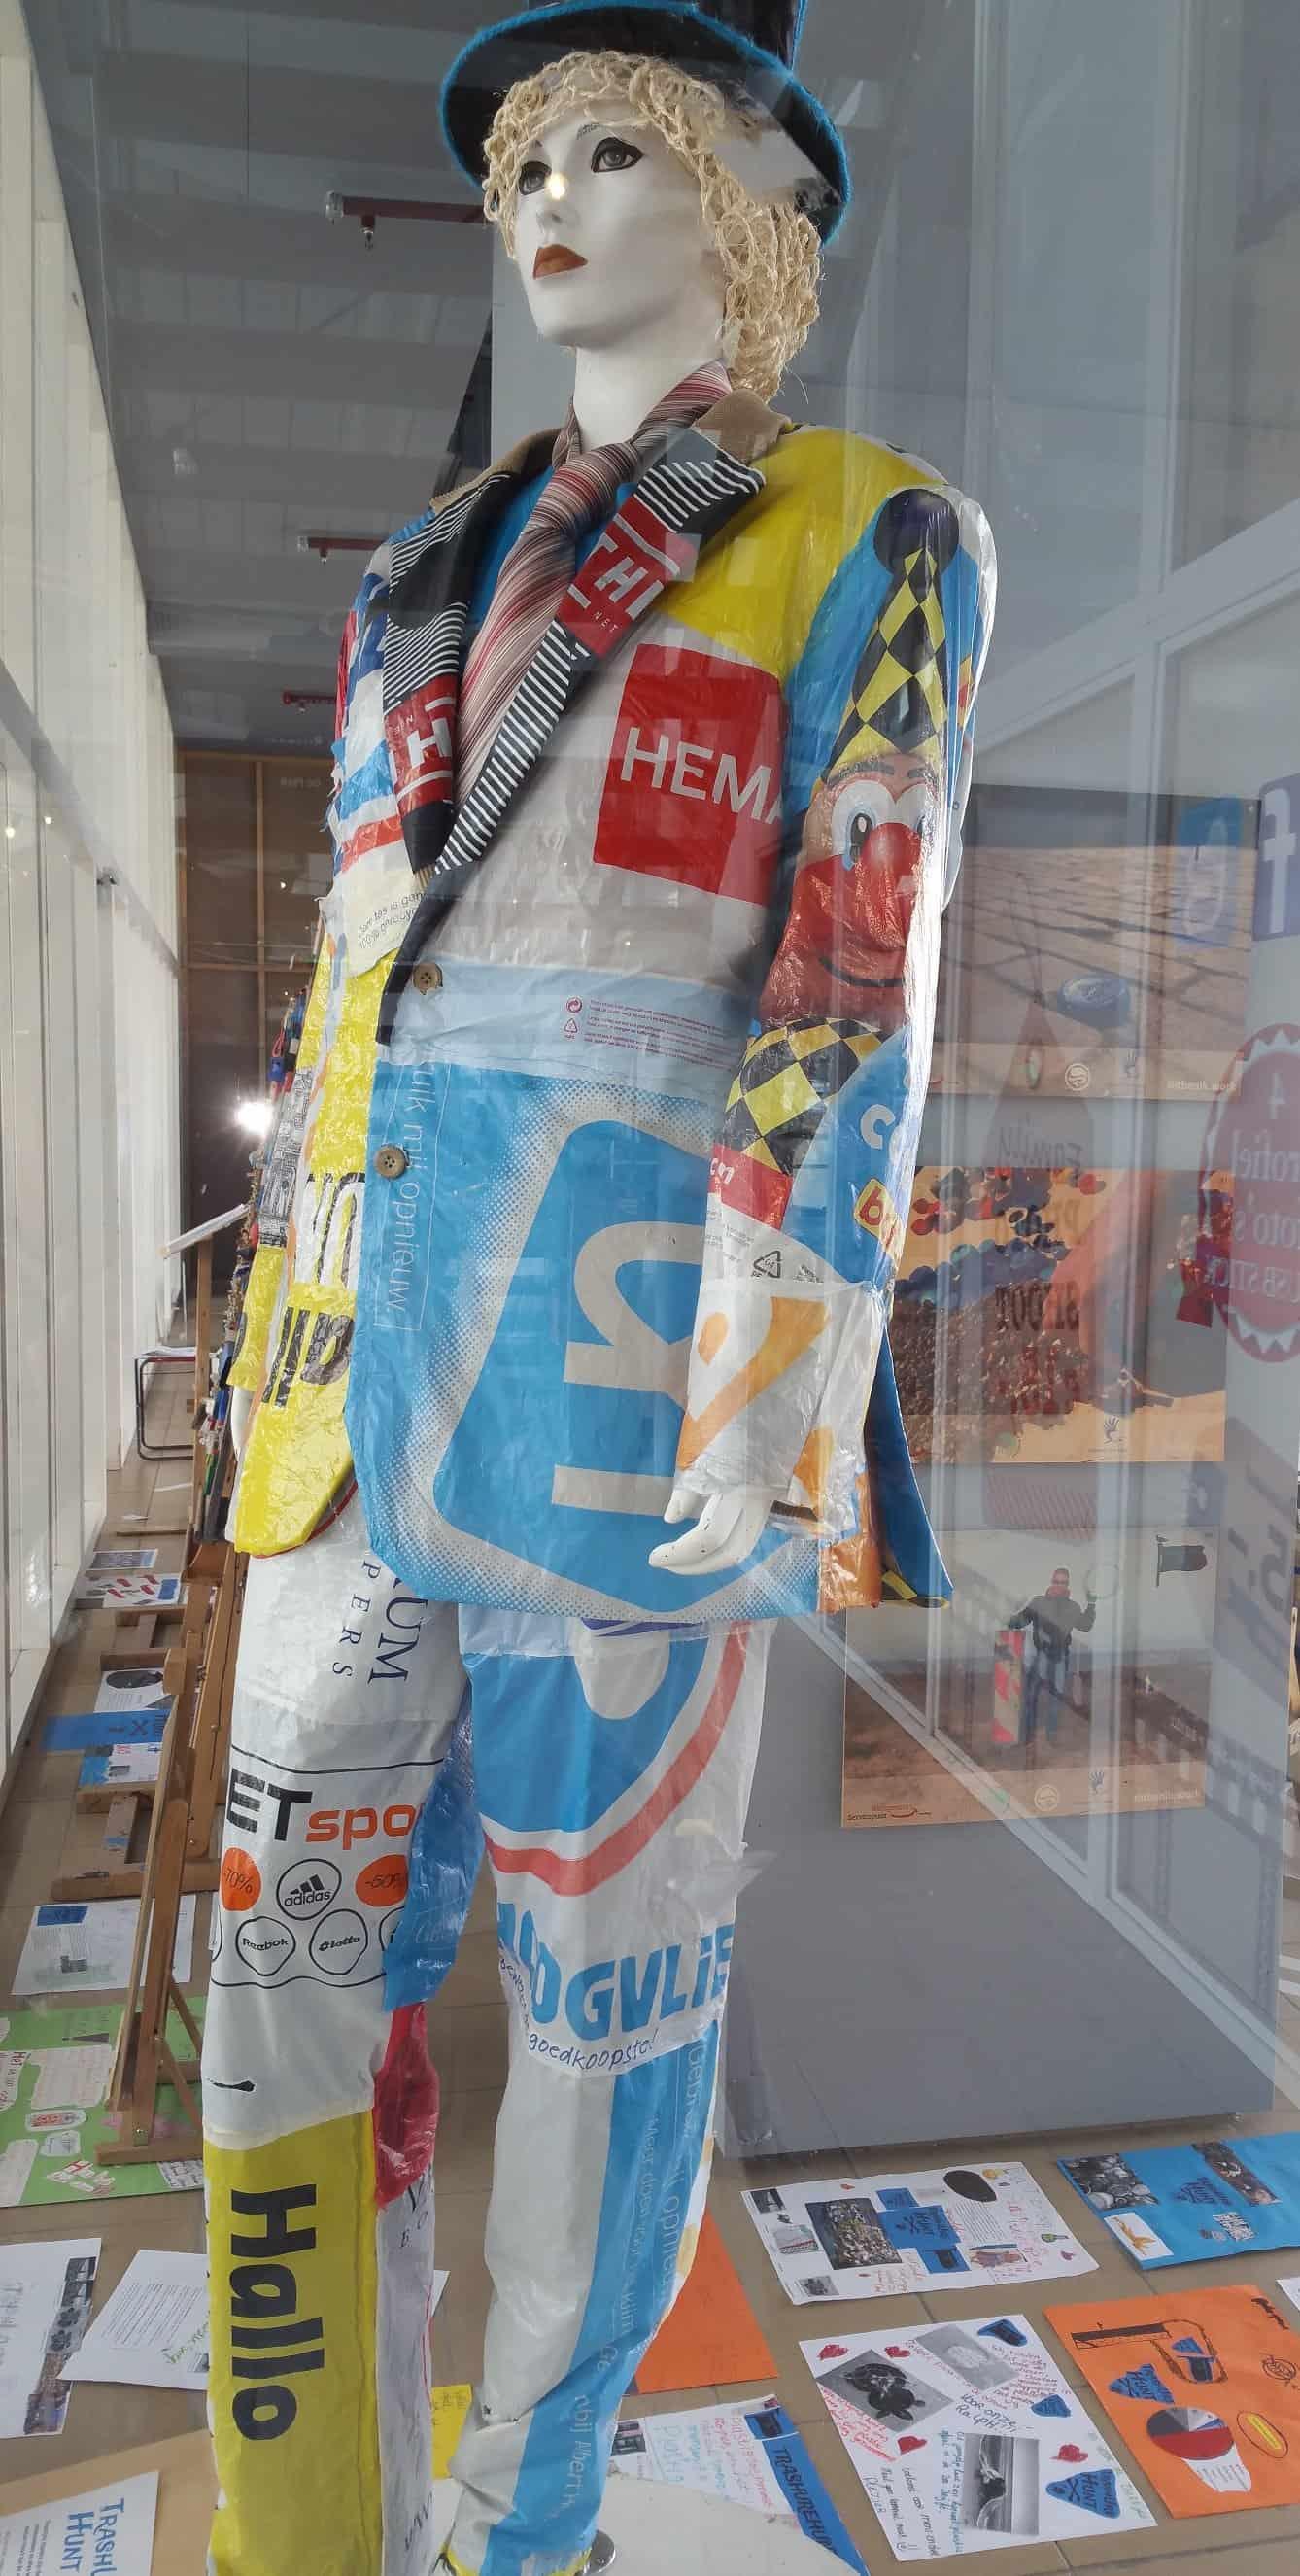 pak maken van plastic draagtassen